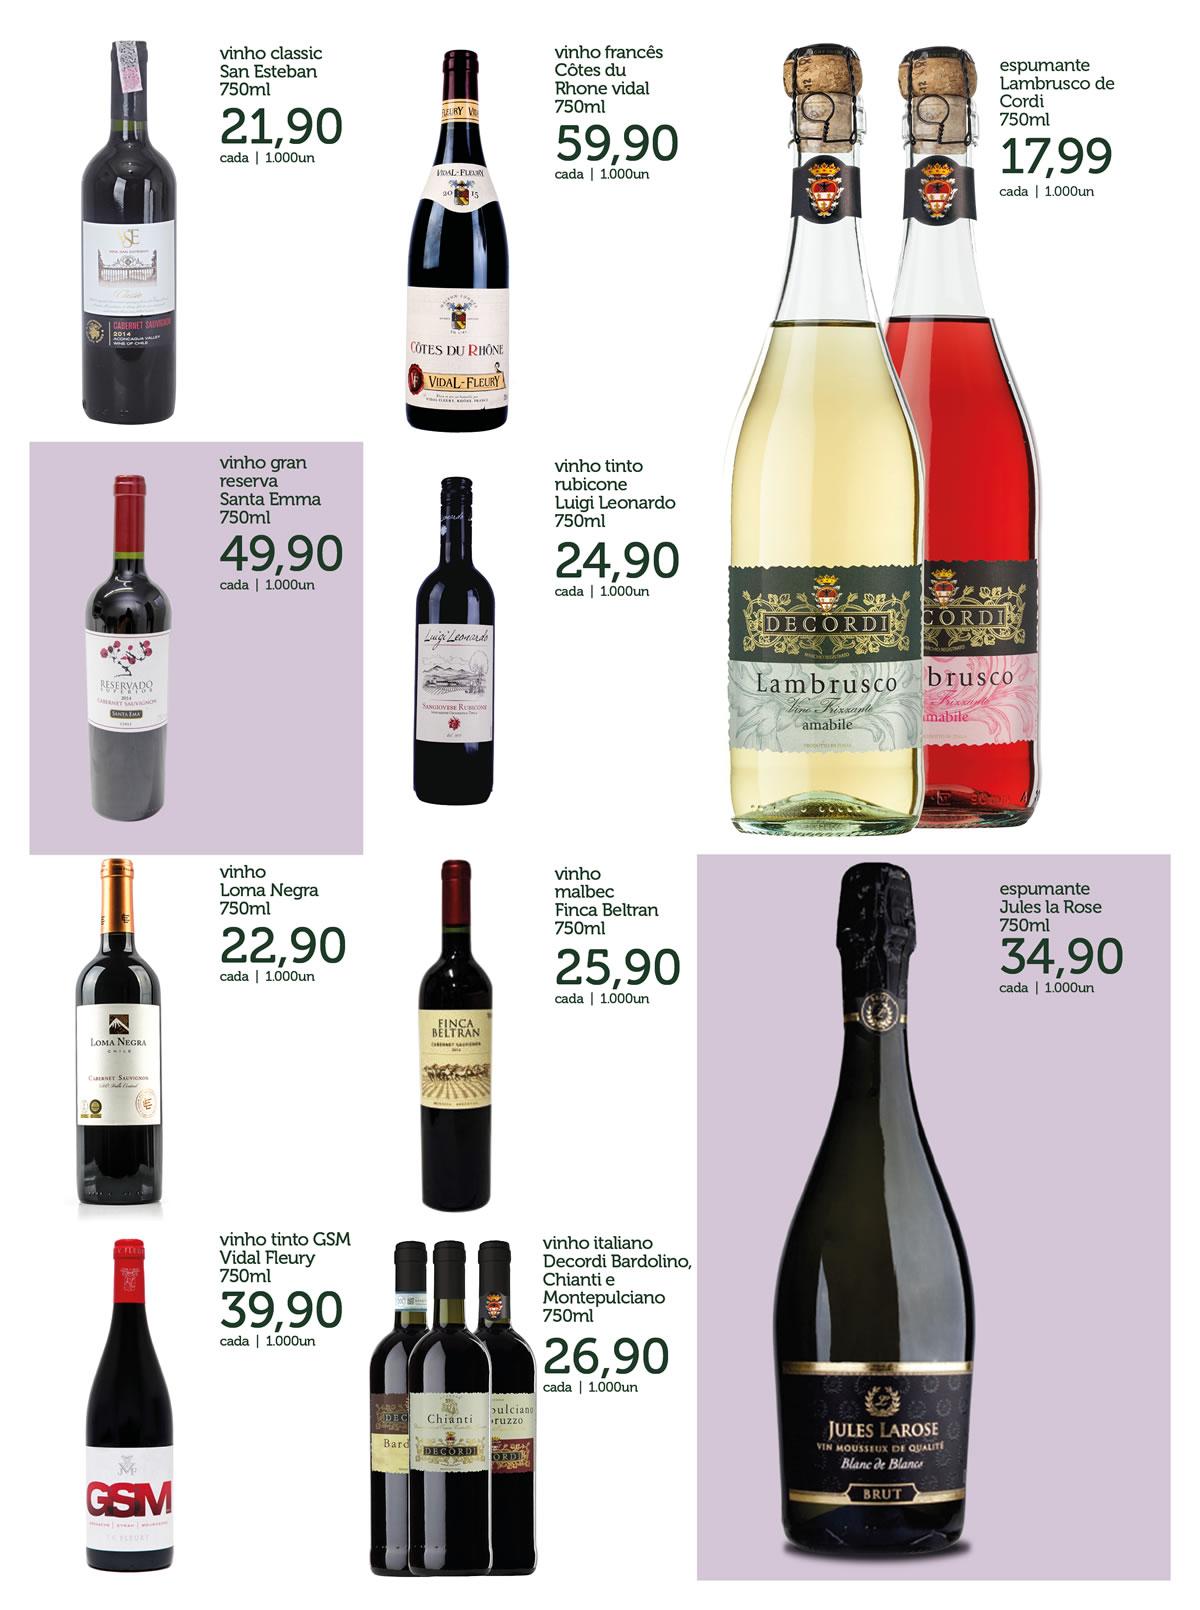 caita_supermercados_tabloide_abril_erechim_11